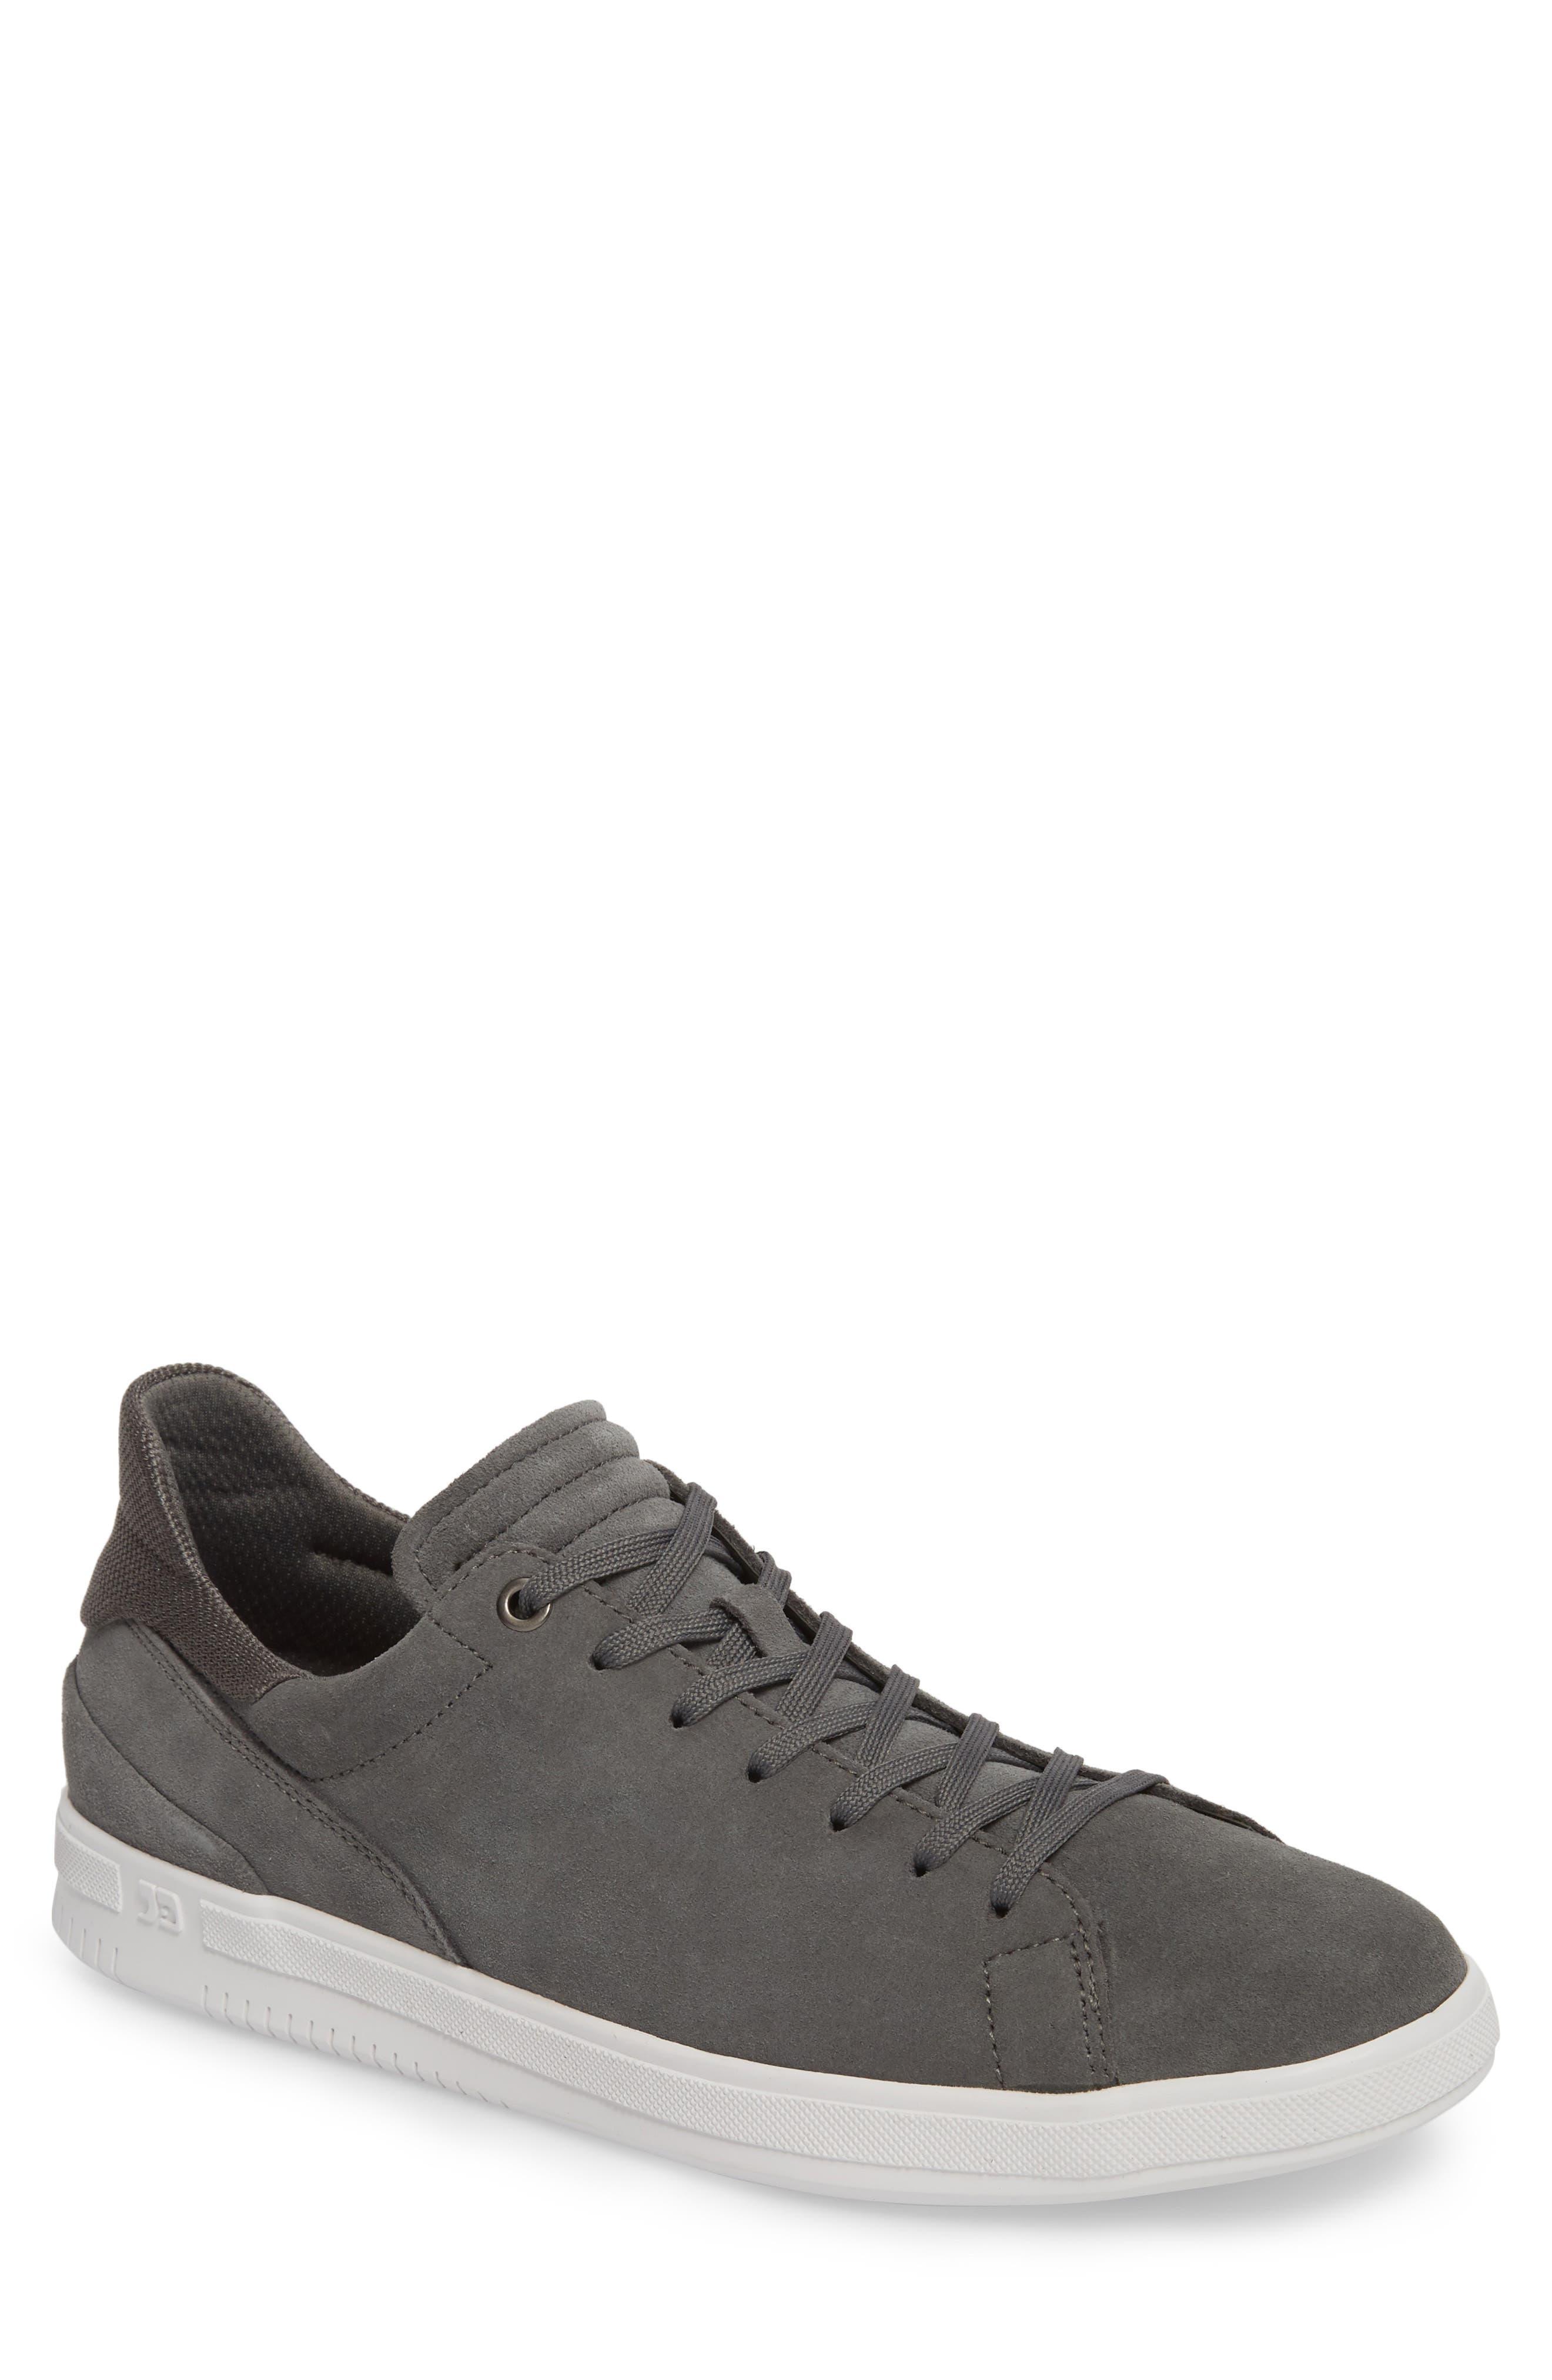 Joe Mama Low Top Sneaker,                         Main,                         color, Grey Suede